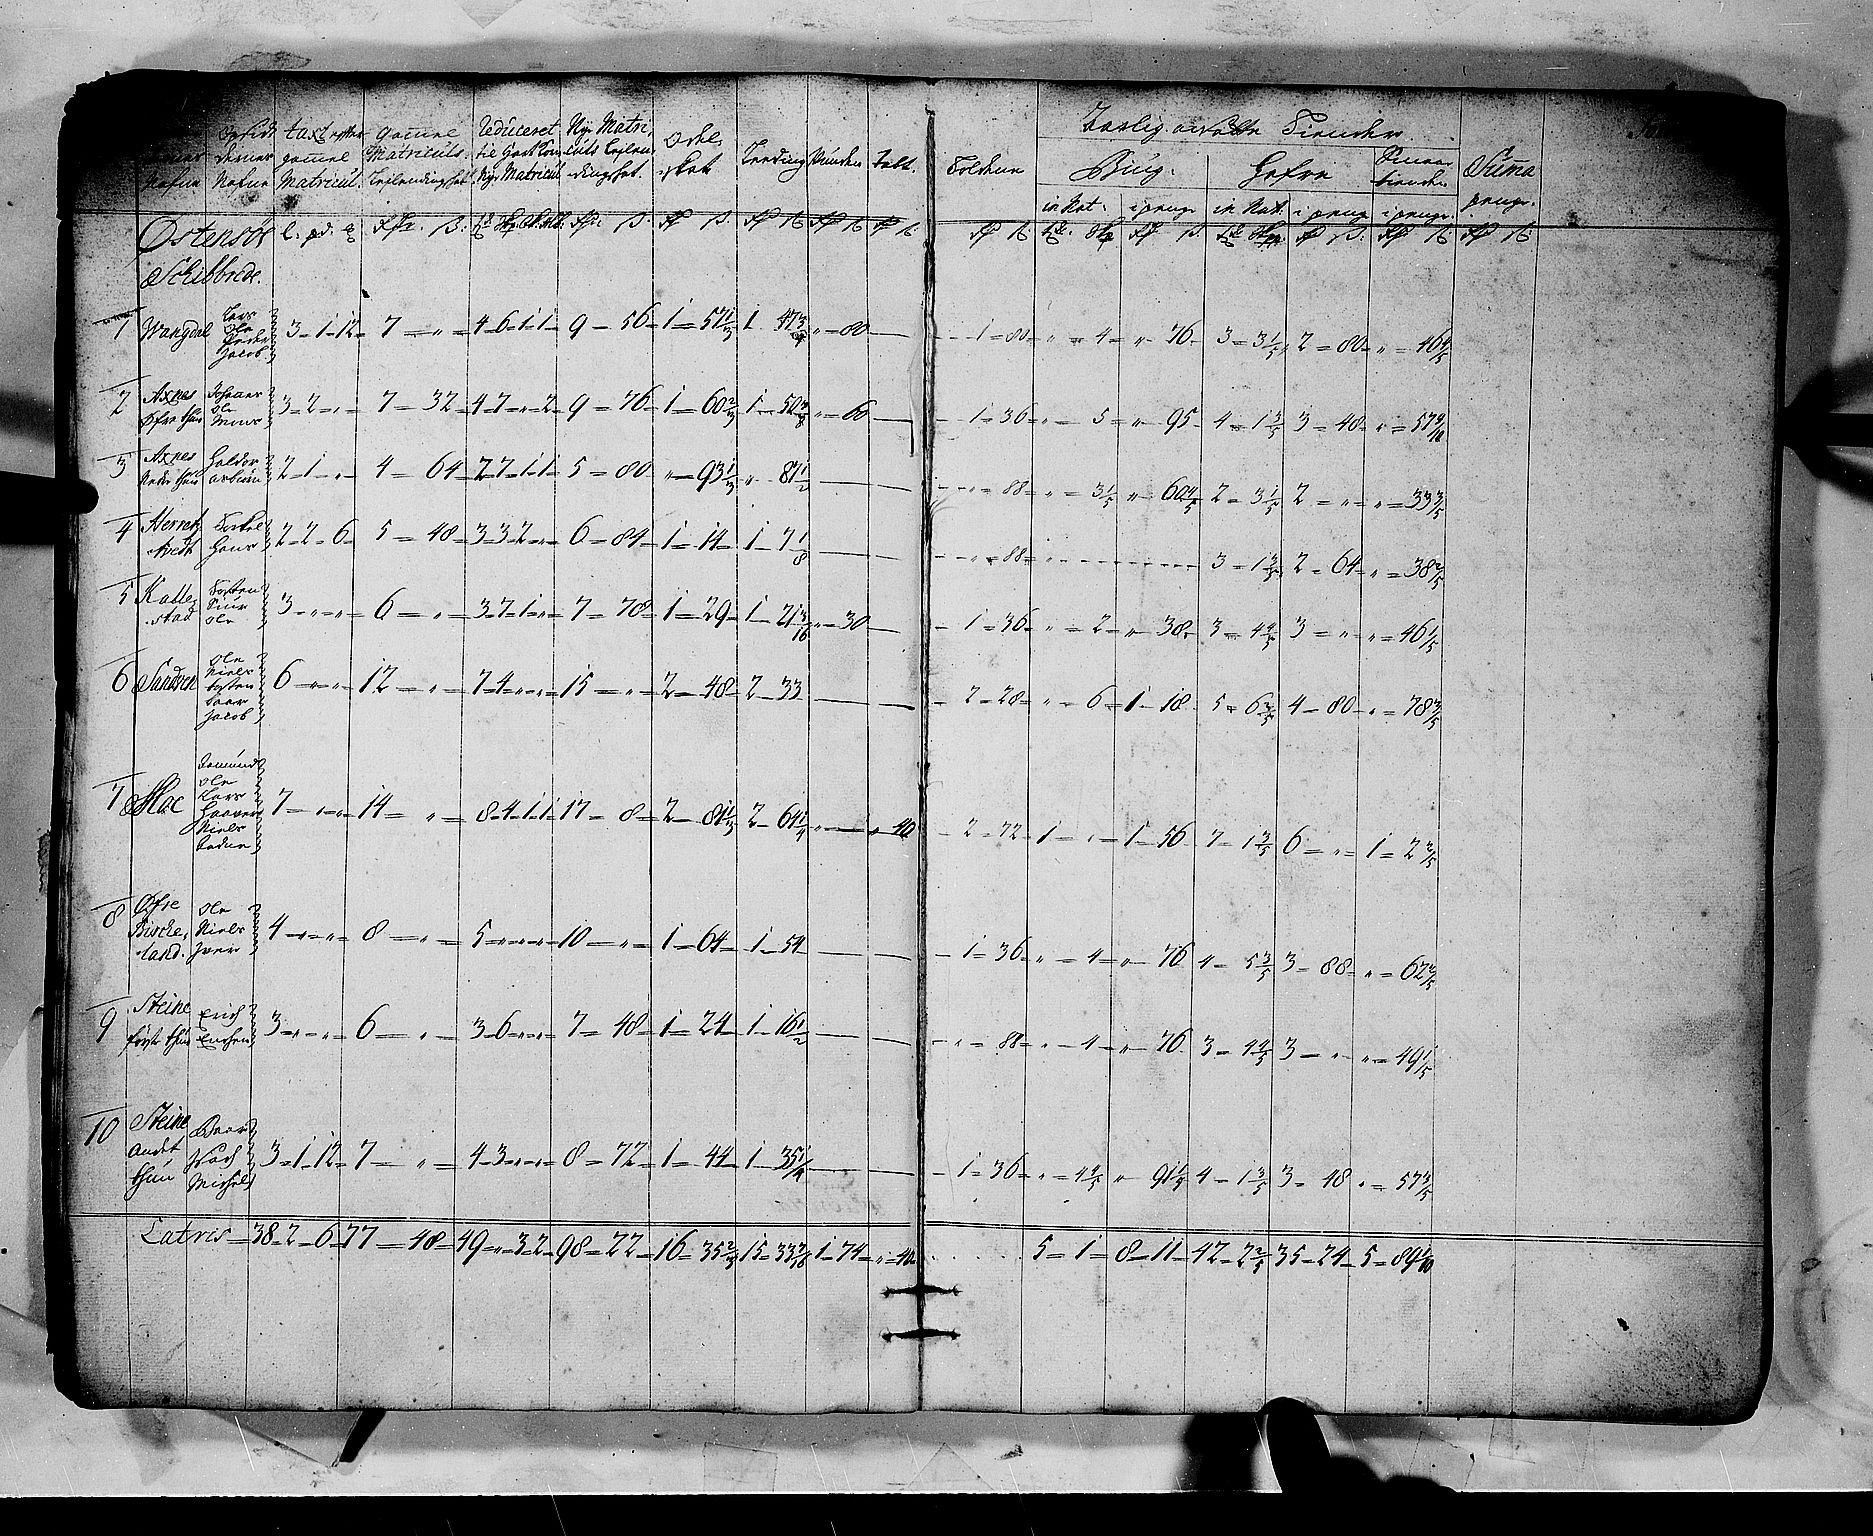 RA, Rentekammeret inntil 1814, Realistisk ordnet avdeling, N/Nb/Nbf/L0137: Hardanger matrikkelprotokoll, 1723, s. 5b-6a